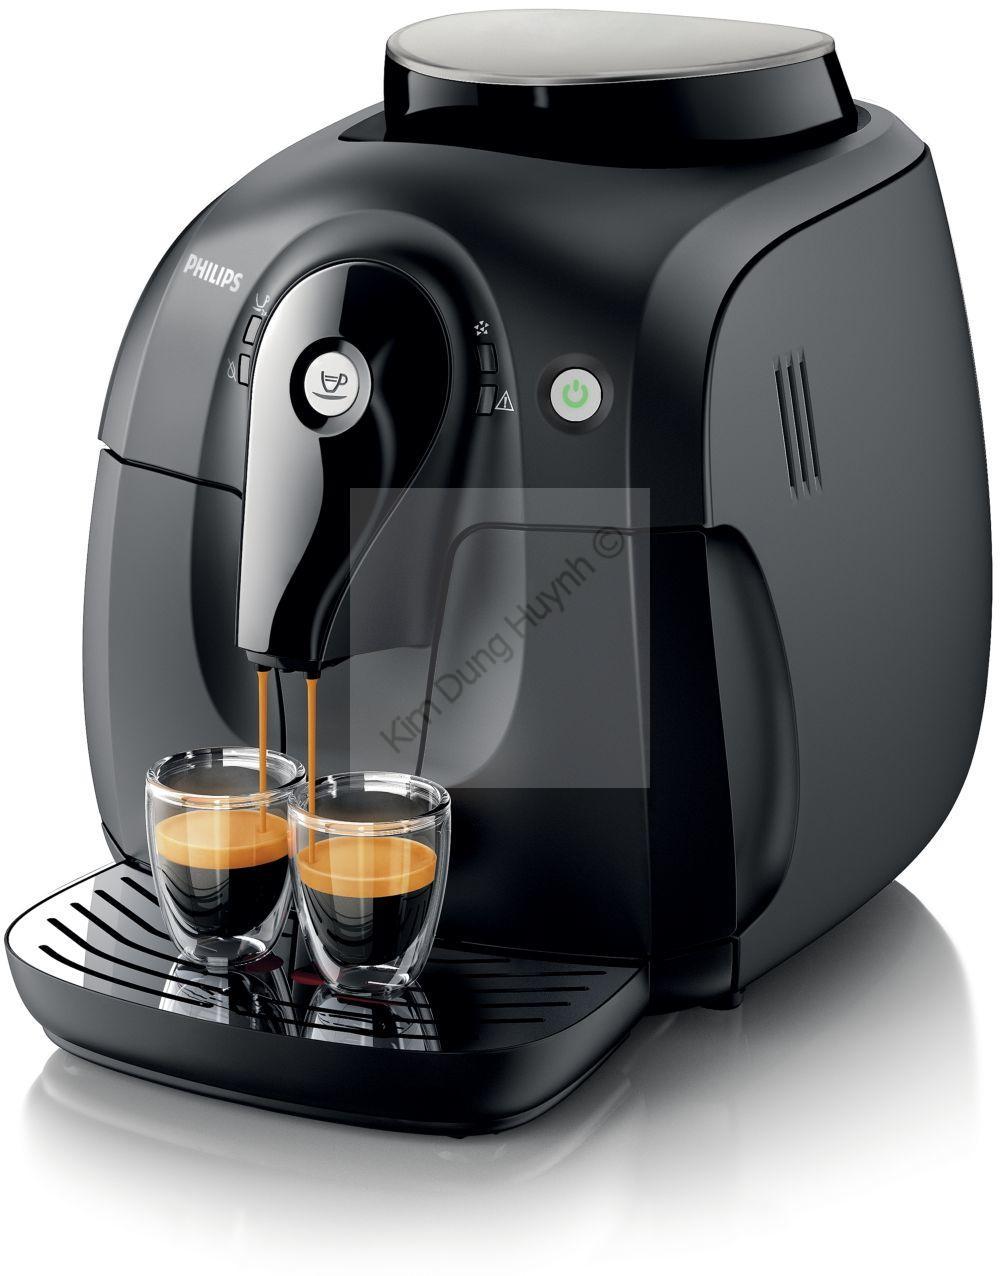 philips hd8650 01 kaffeevollautomat kaffeemaschine kaffee. Black Bedroom Furniture Sets. Home Design Ideas